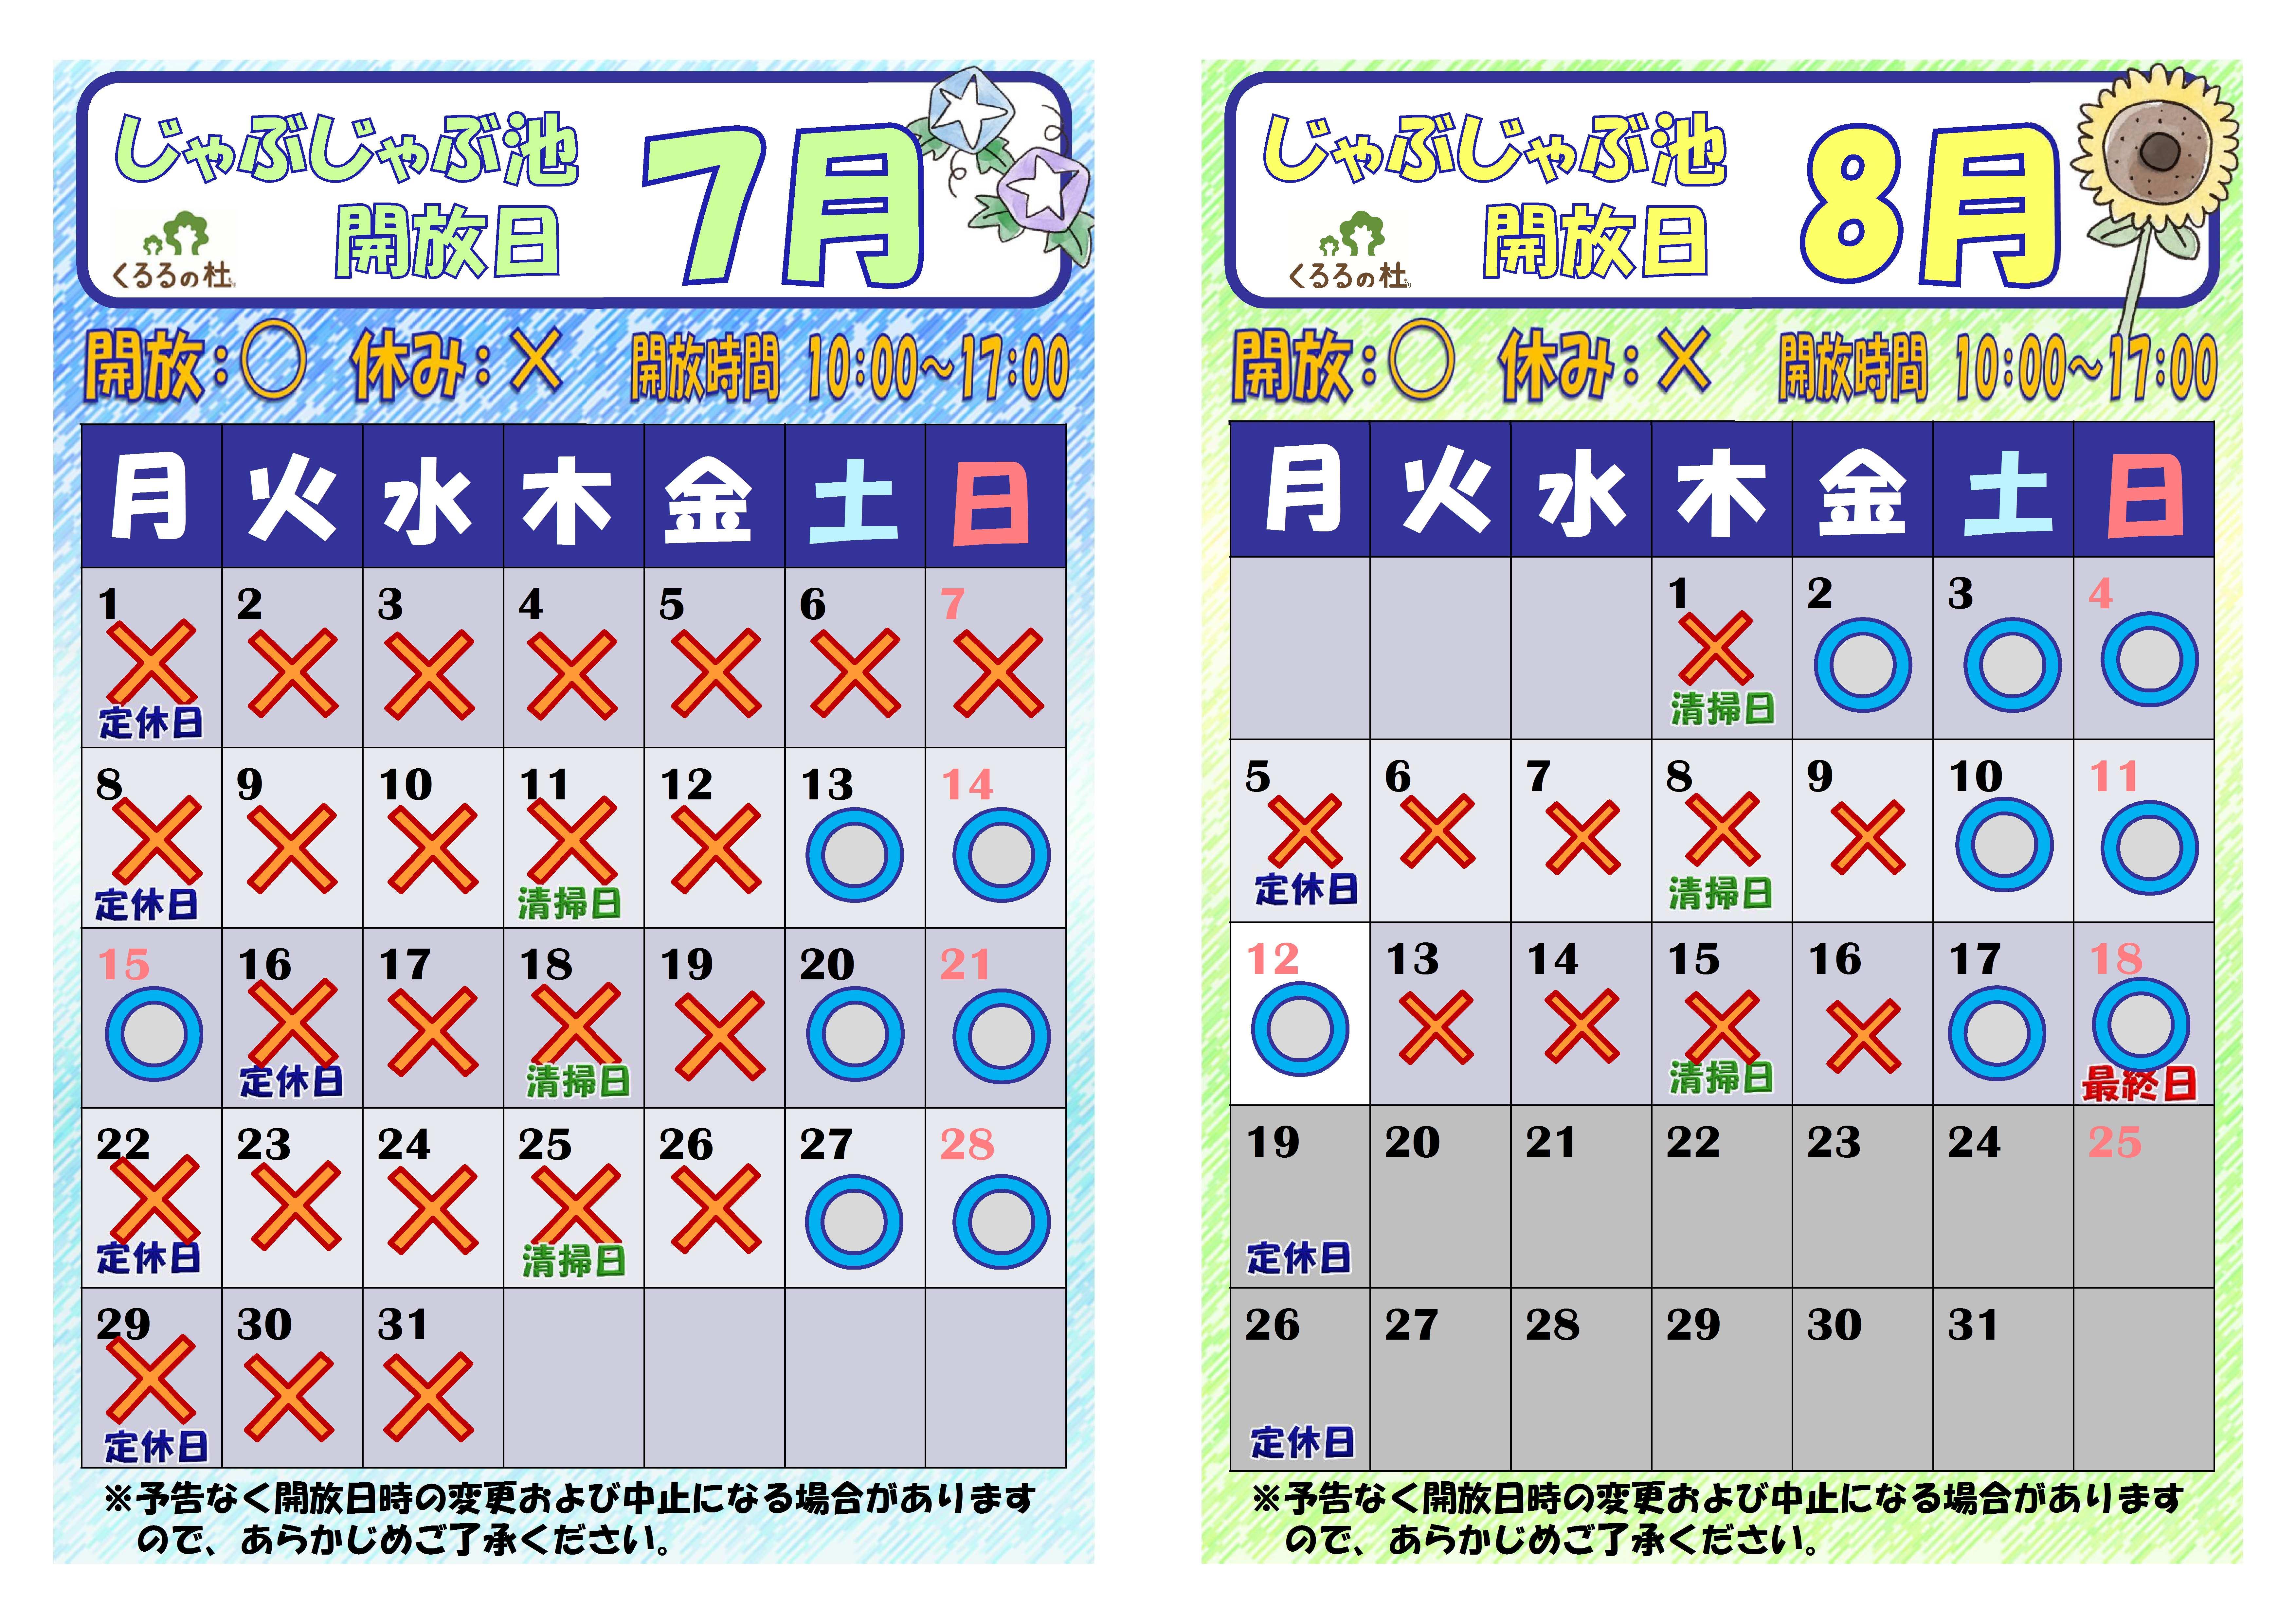 じゃぶじゃぶ池開放日カレンダー